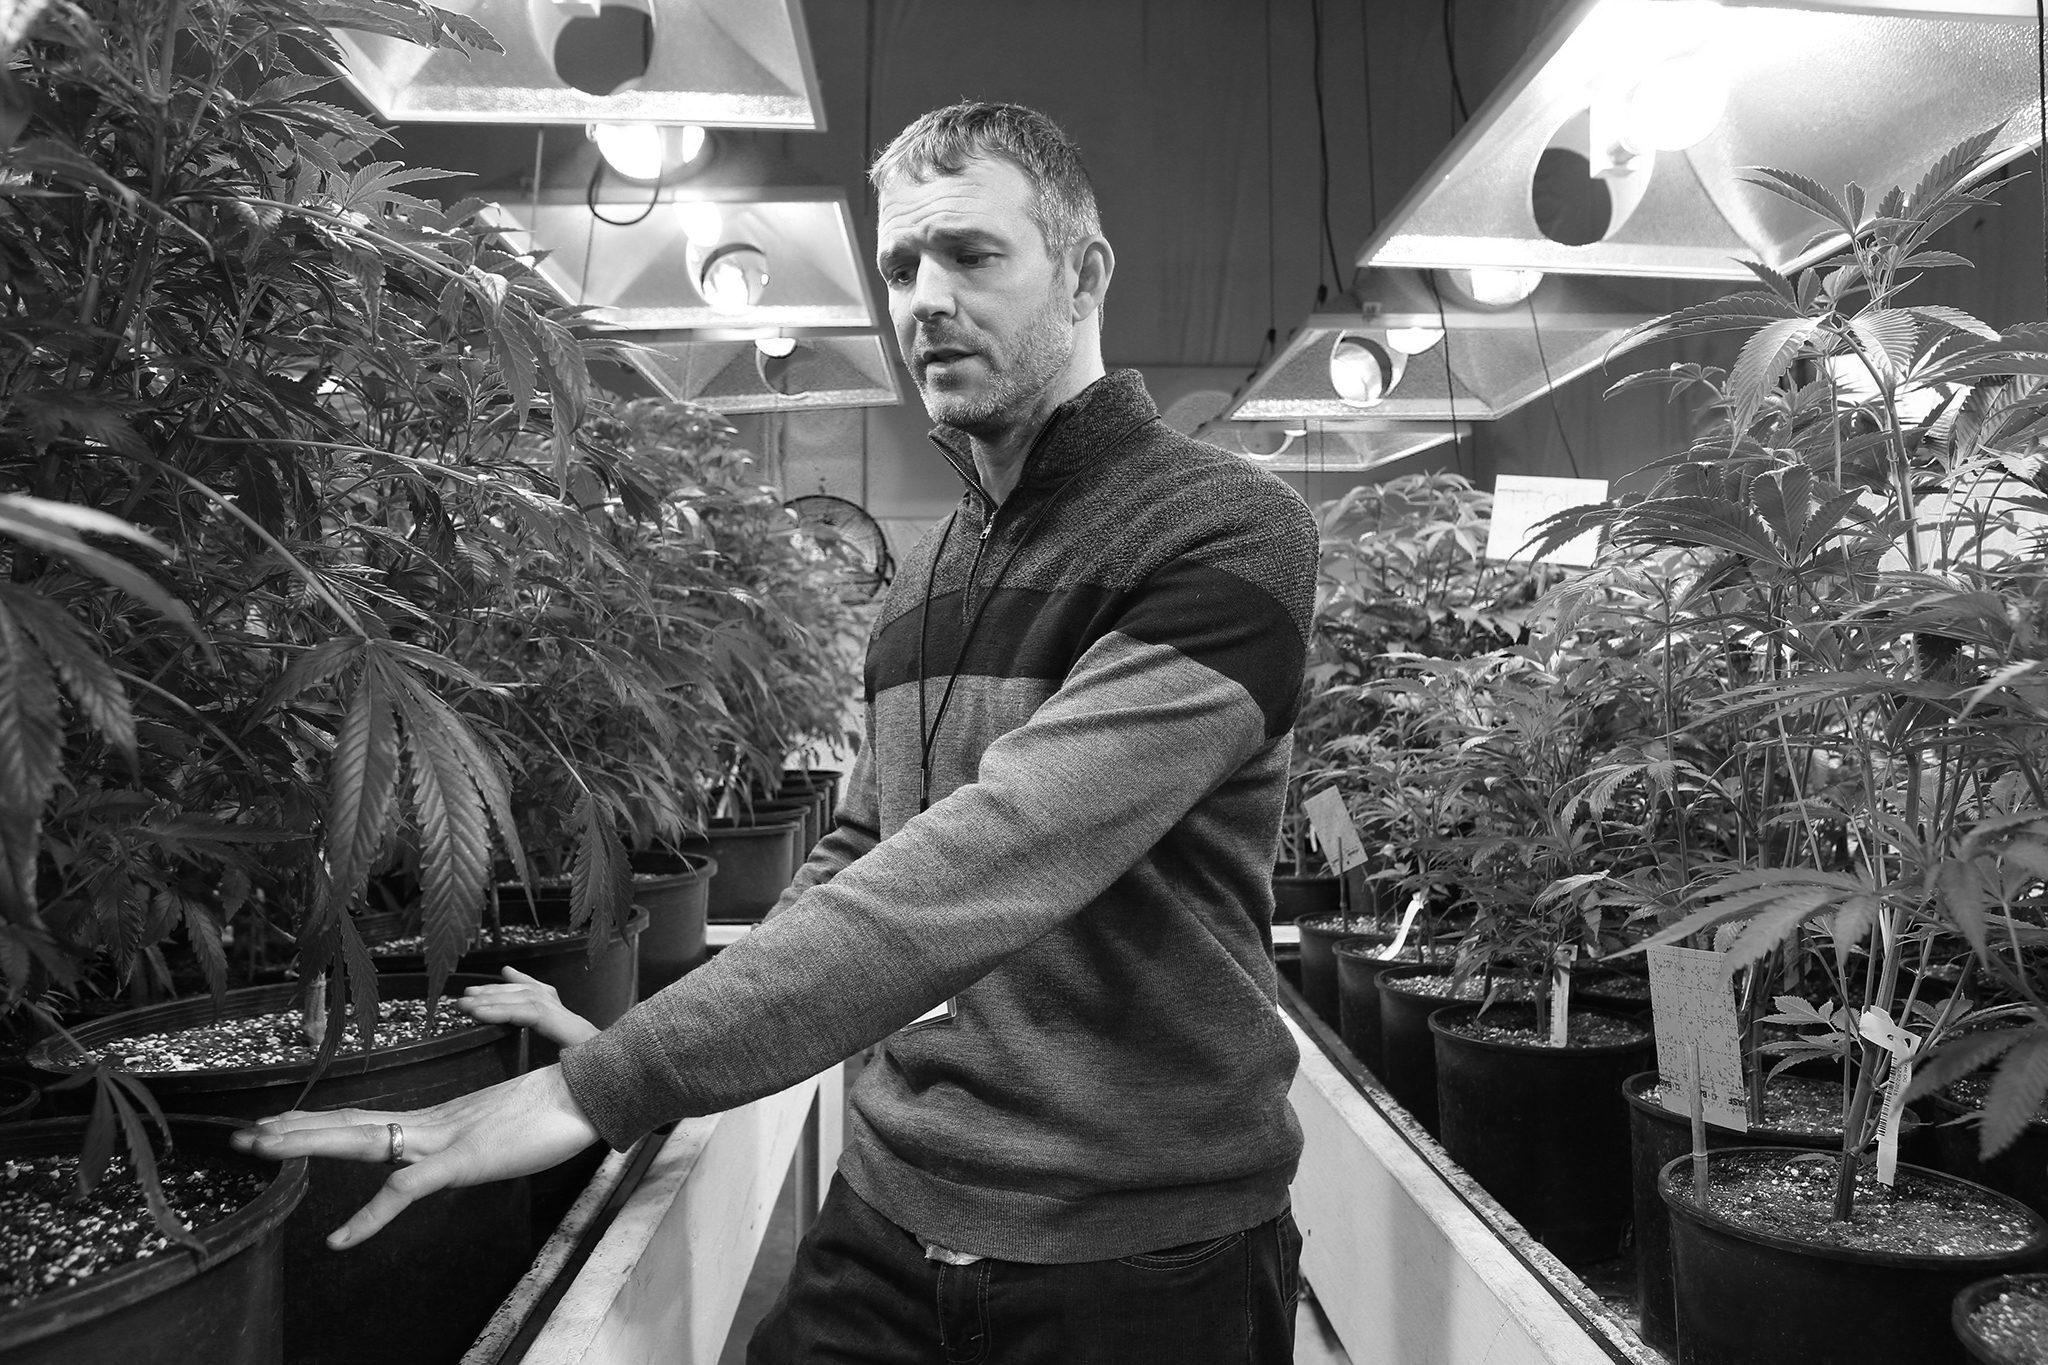 flickr beverly yuen thompson - <b>Канабіс виключили зі списку найнебезпечніших у світі наркотиків.</b> Як це вплине на легалізацію марихуани в Україні - Заборона